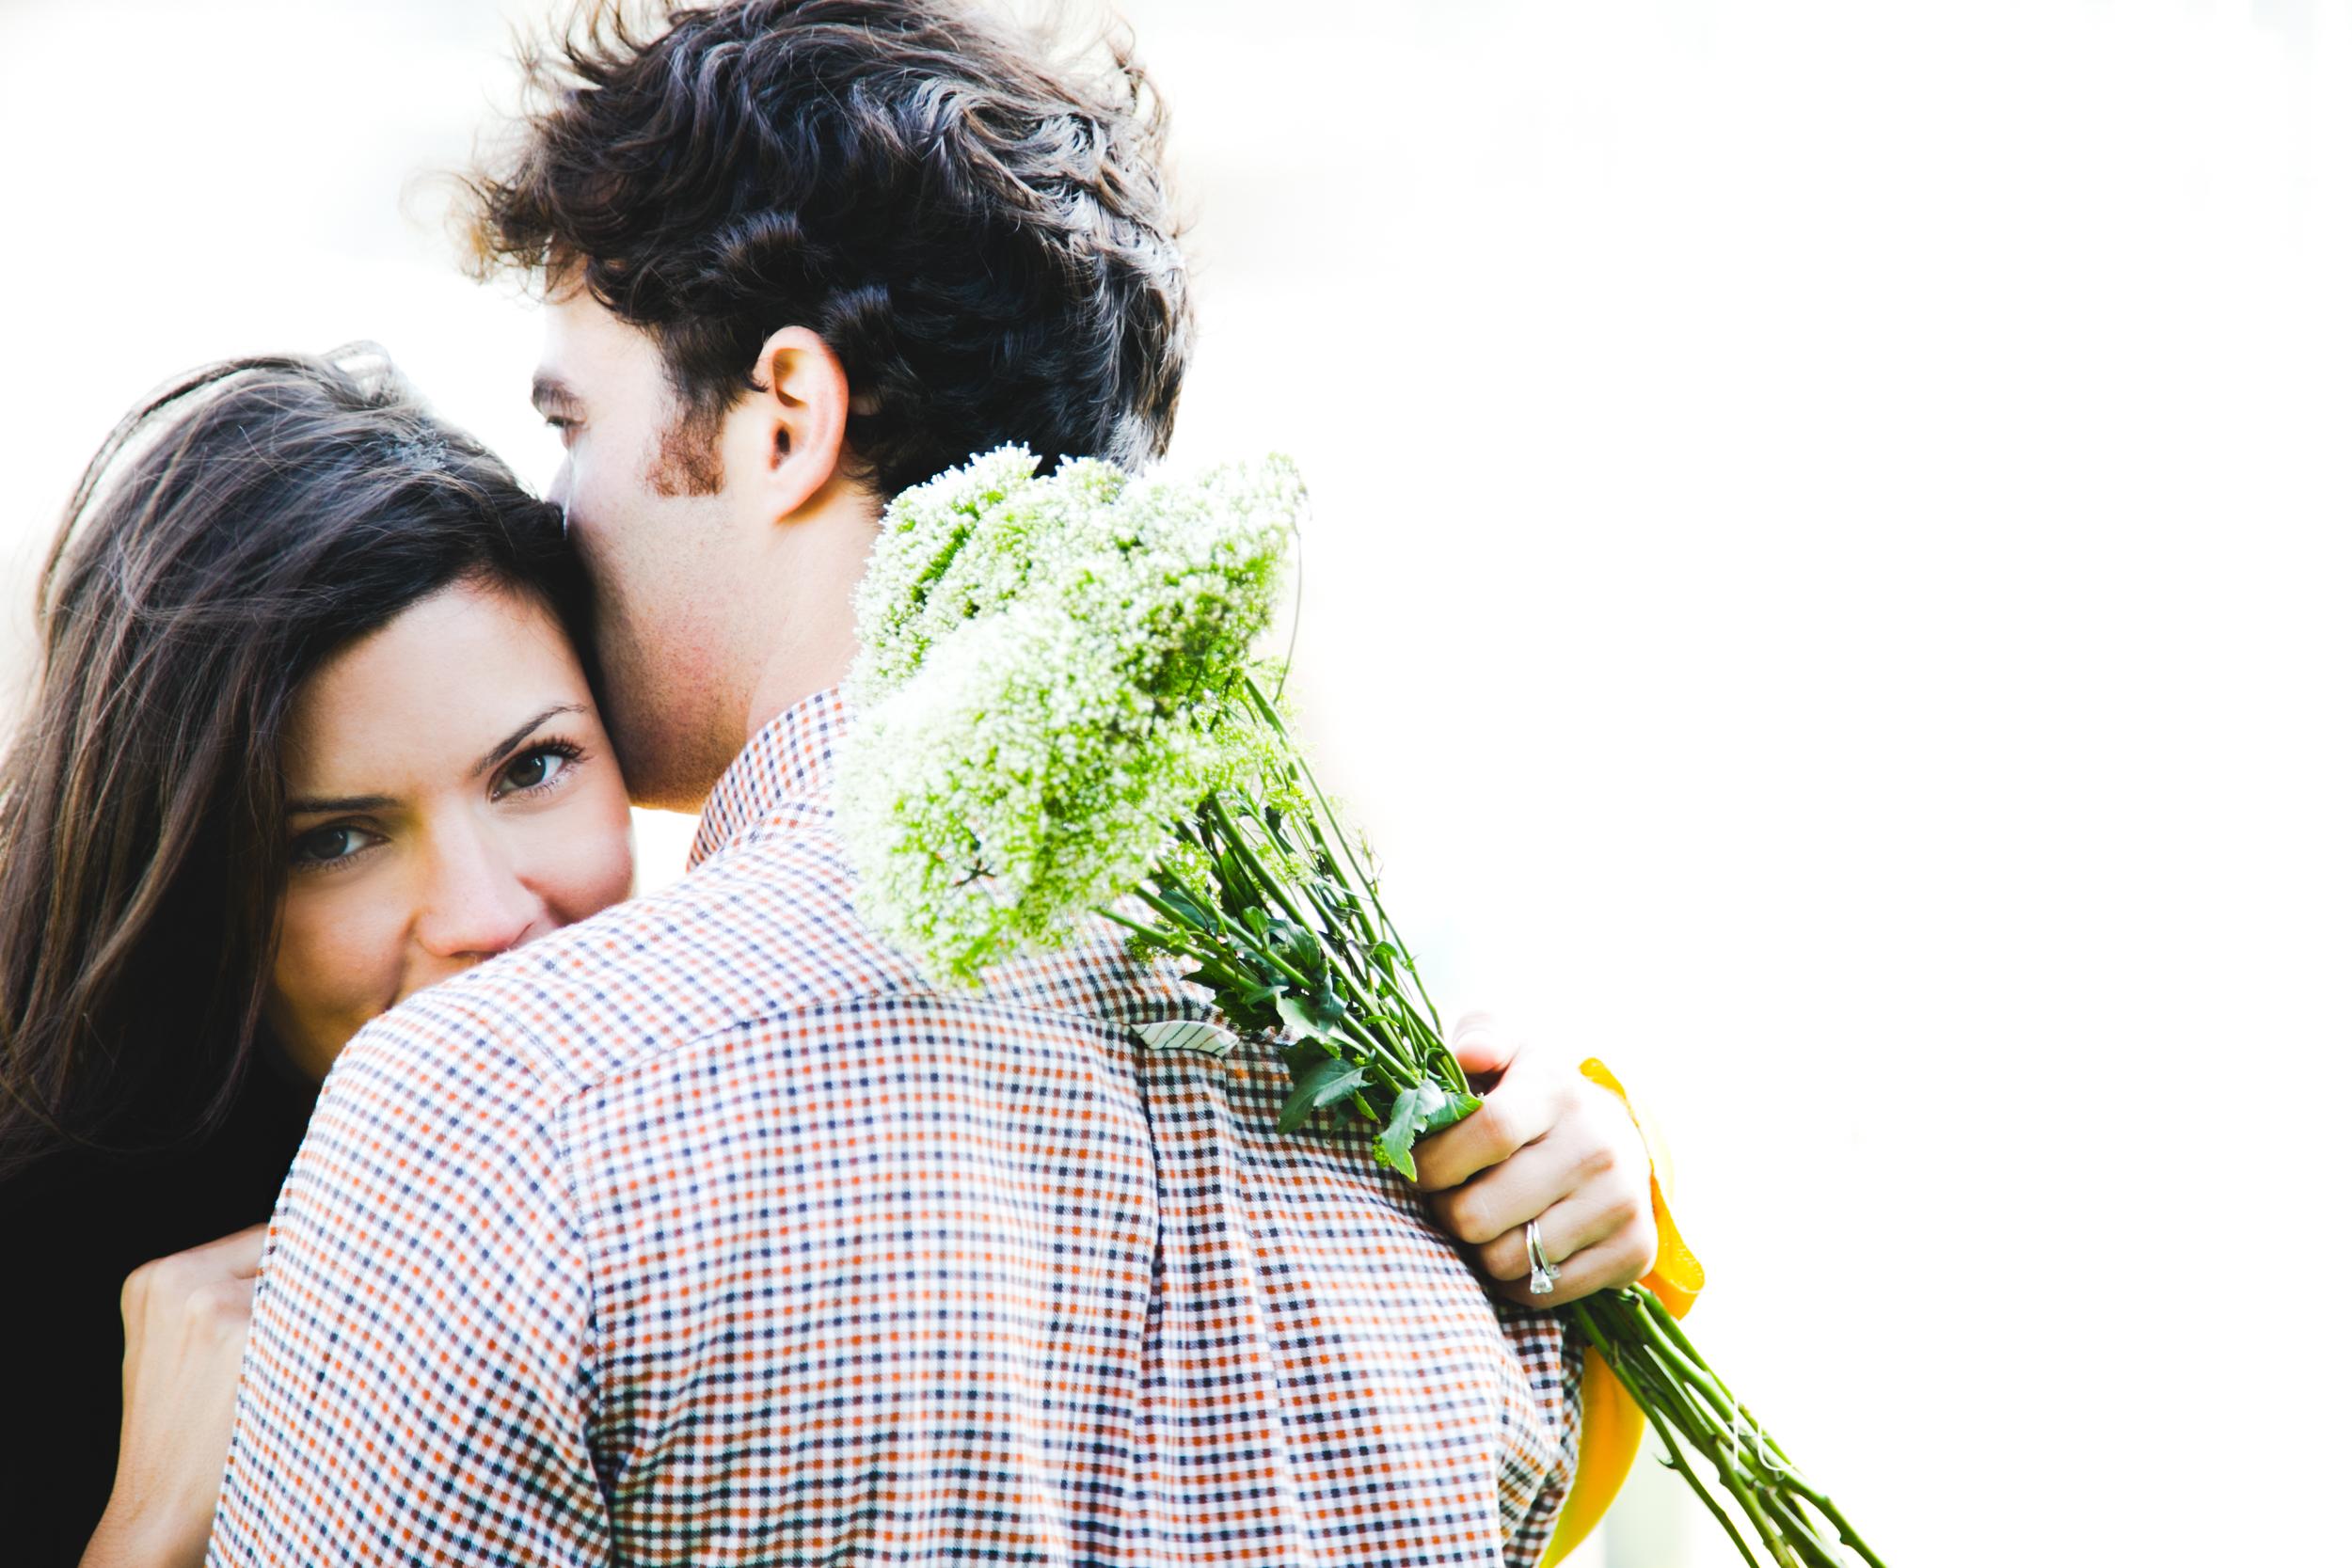 Baltimore-Maryland-Engagement-Photography-Wedding-Washington-DC-Photographer-Portrait-Engagement-210.jpg